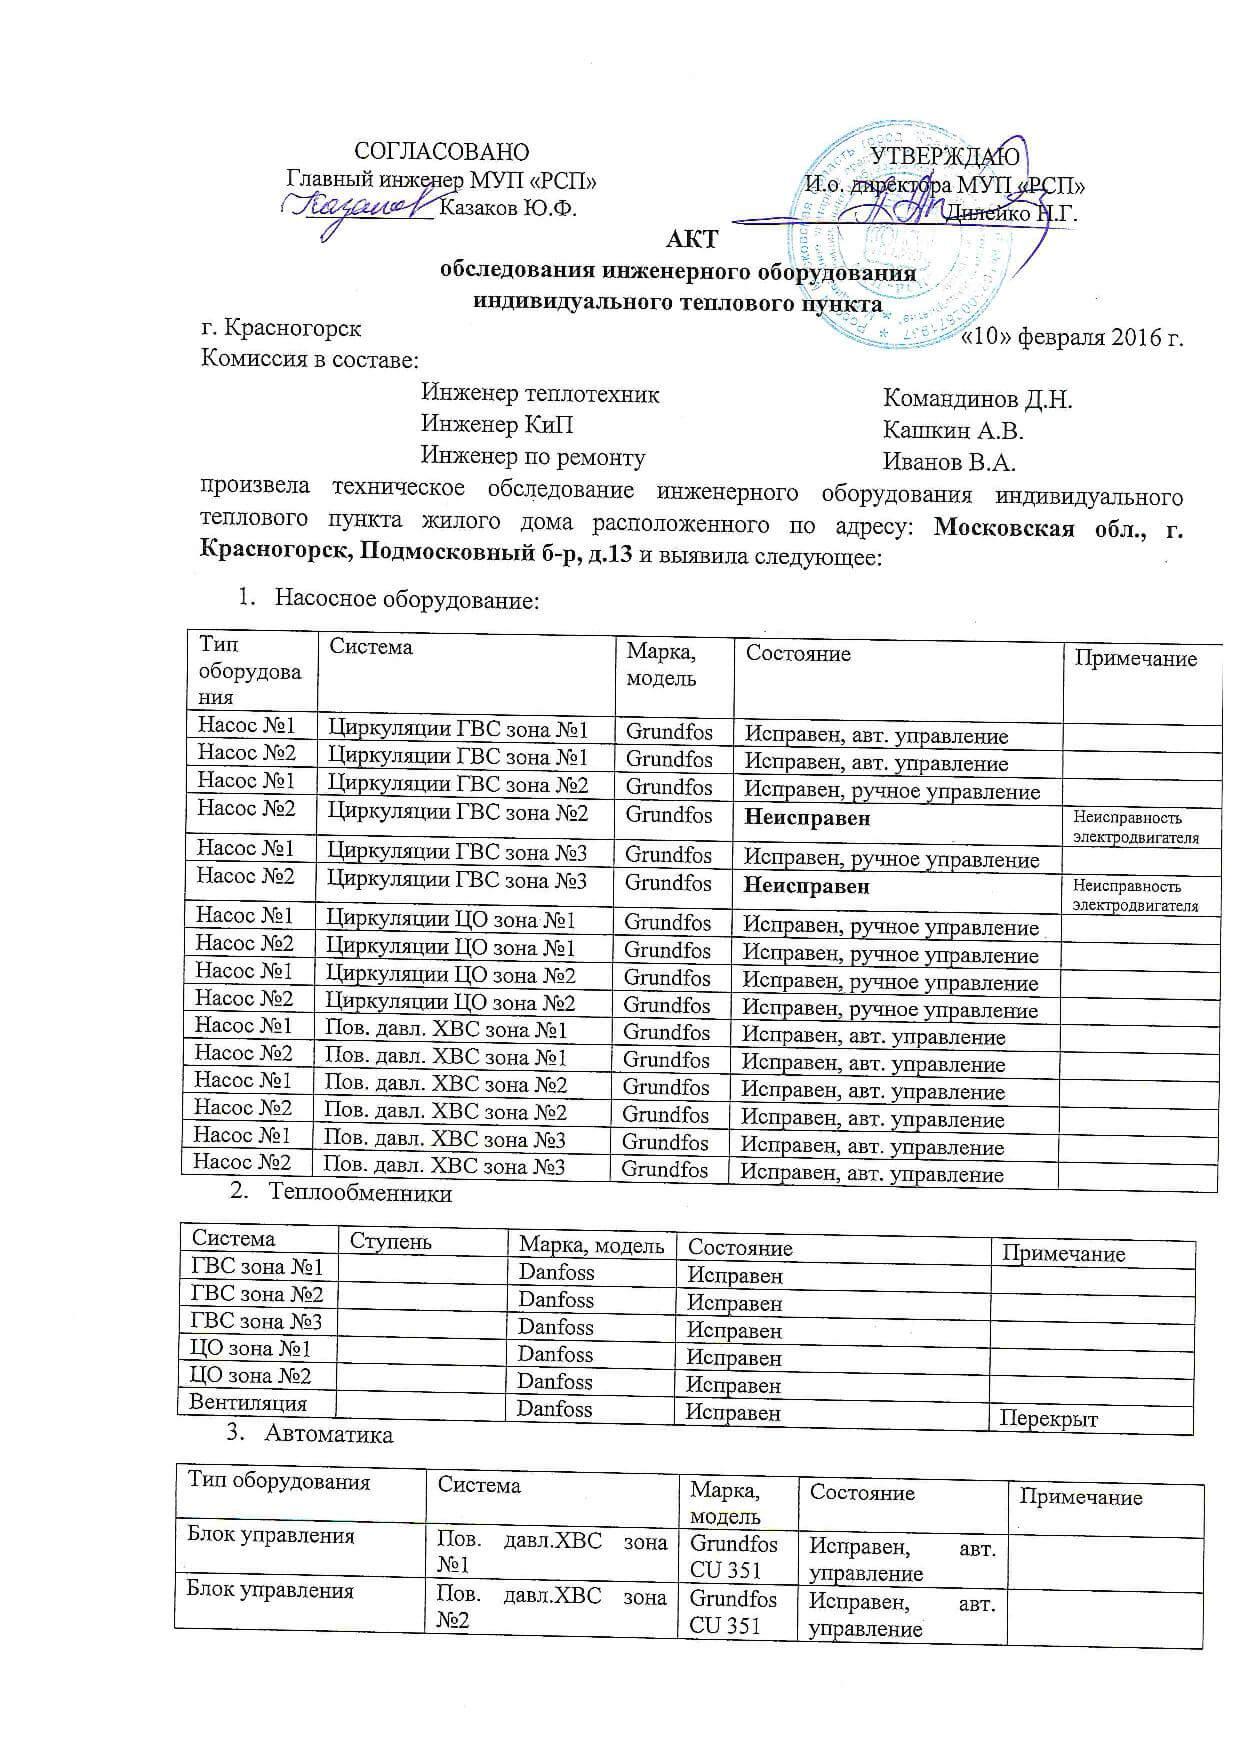 Опубликованы результаты обследования общего имущества МКД в Павшинской пойме